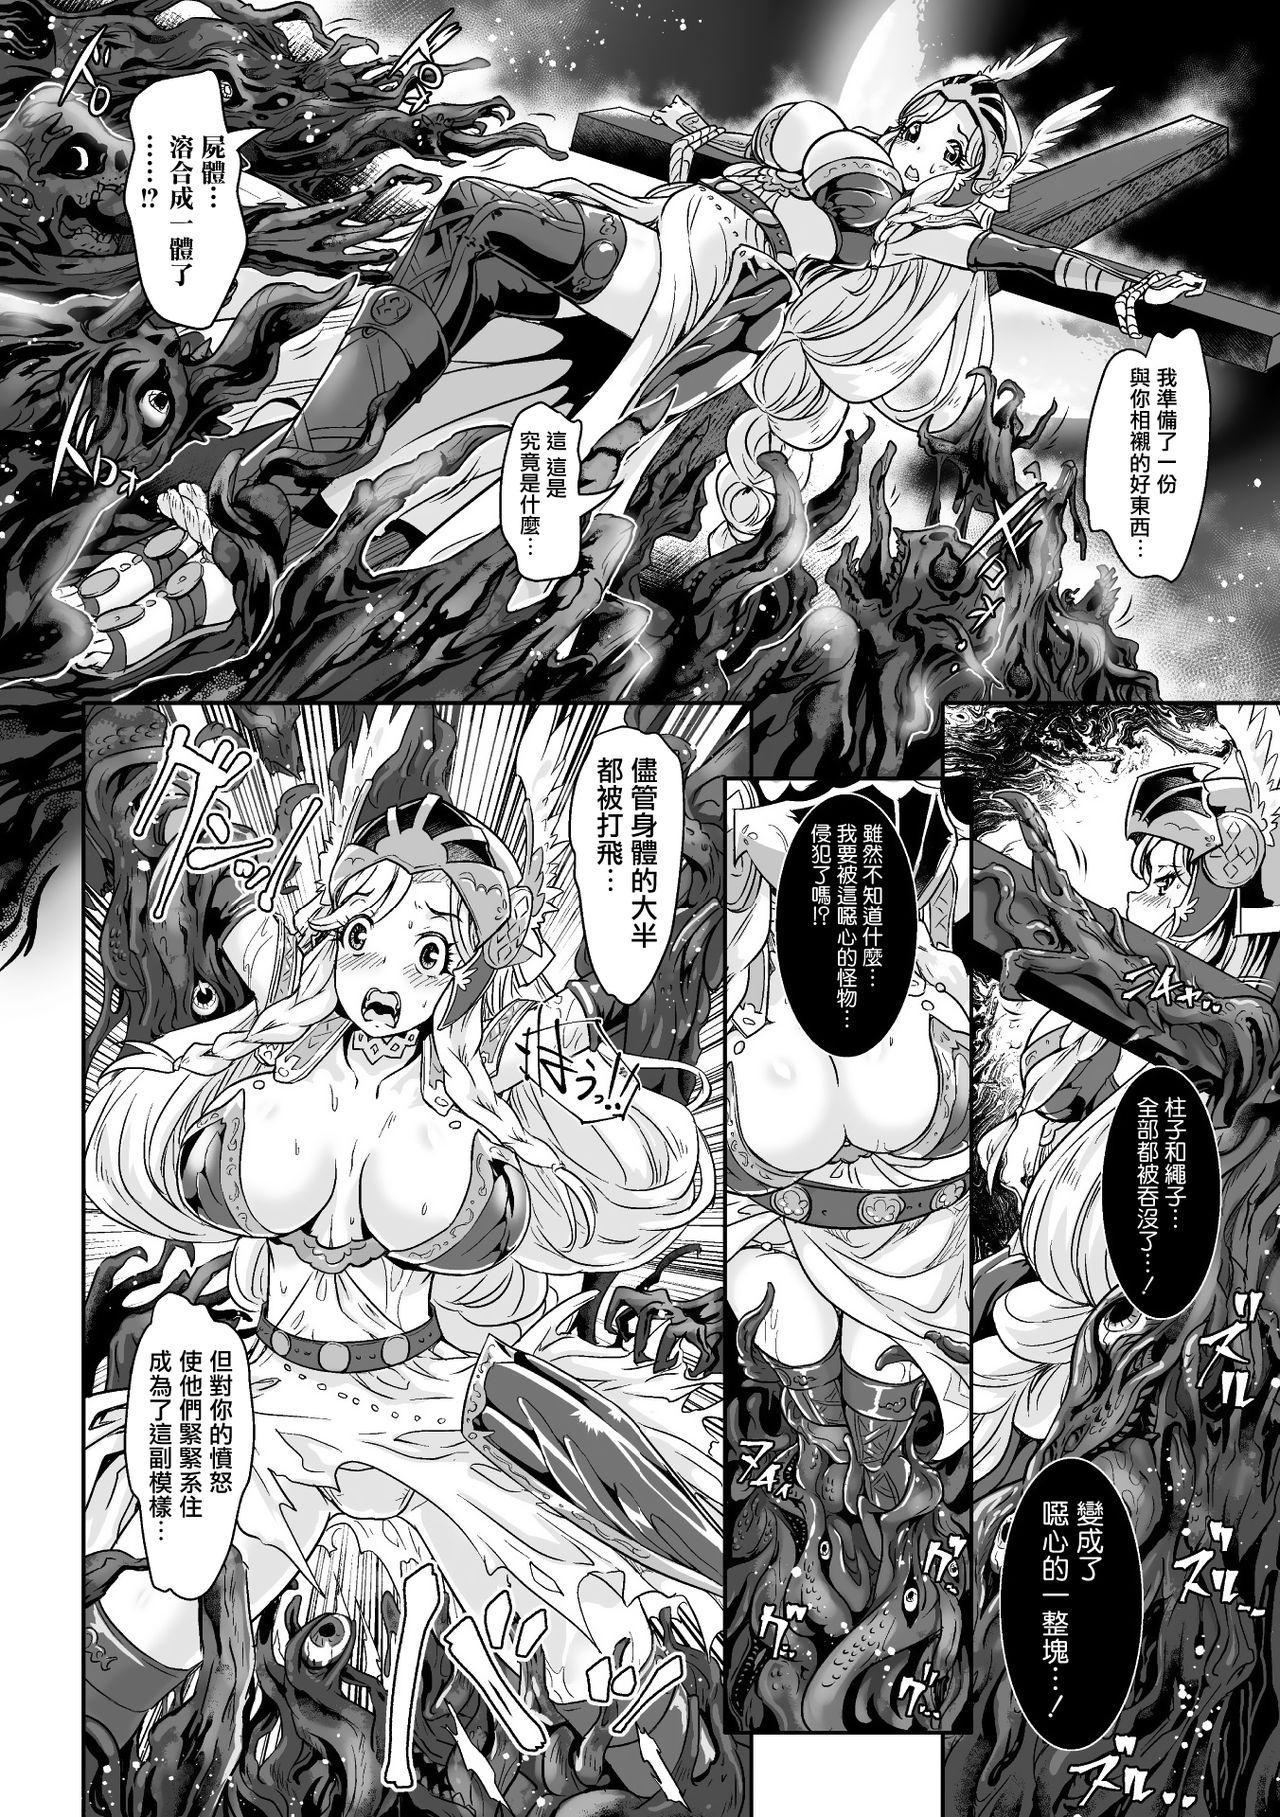 Senjyou no ginkarasu shiruvaroona 8